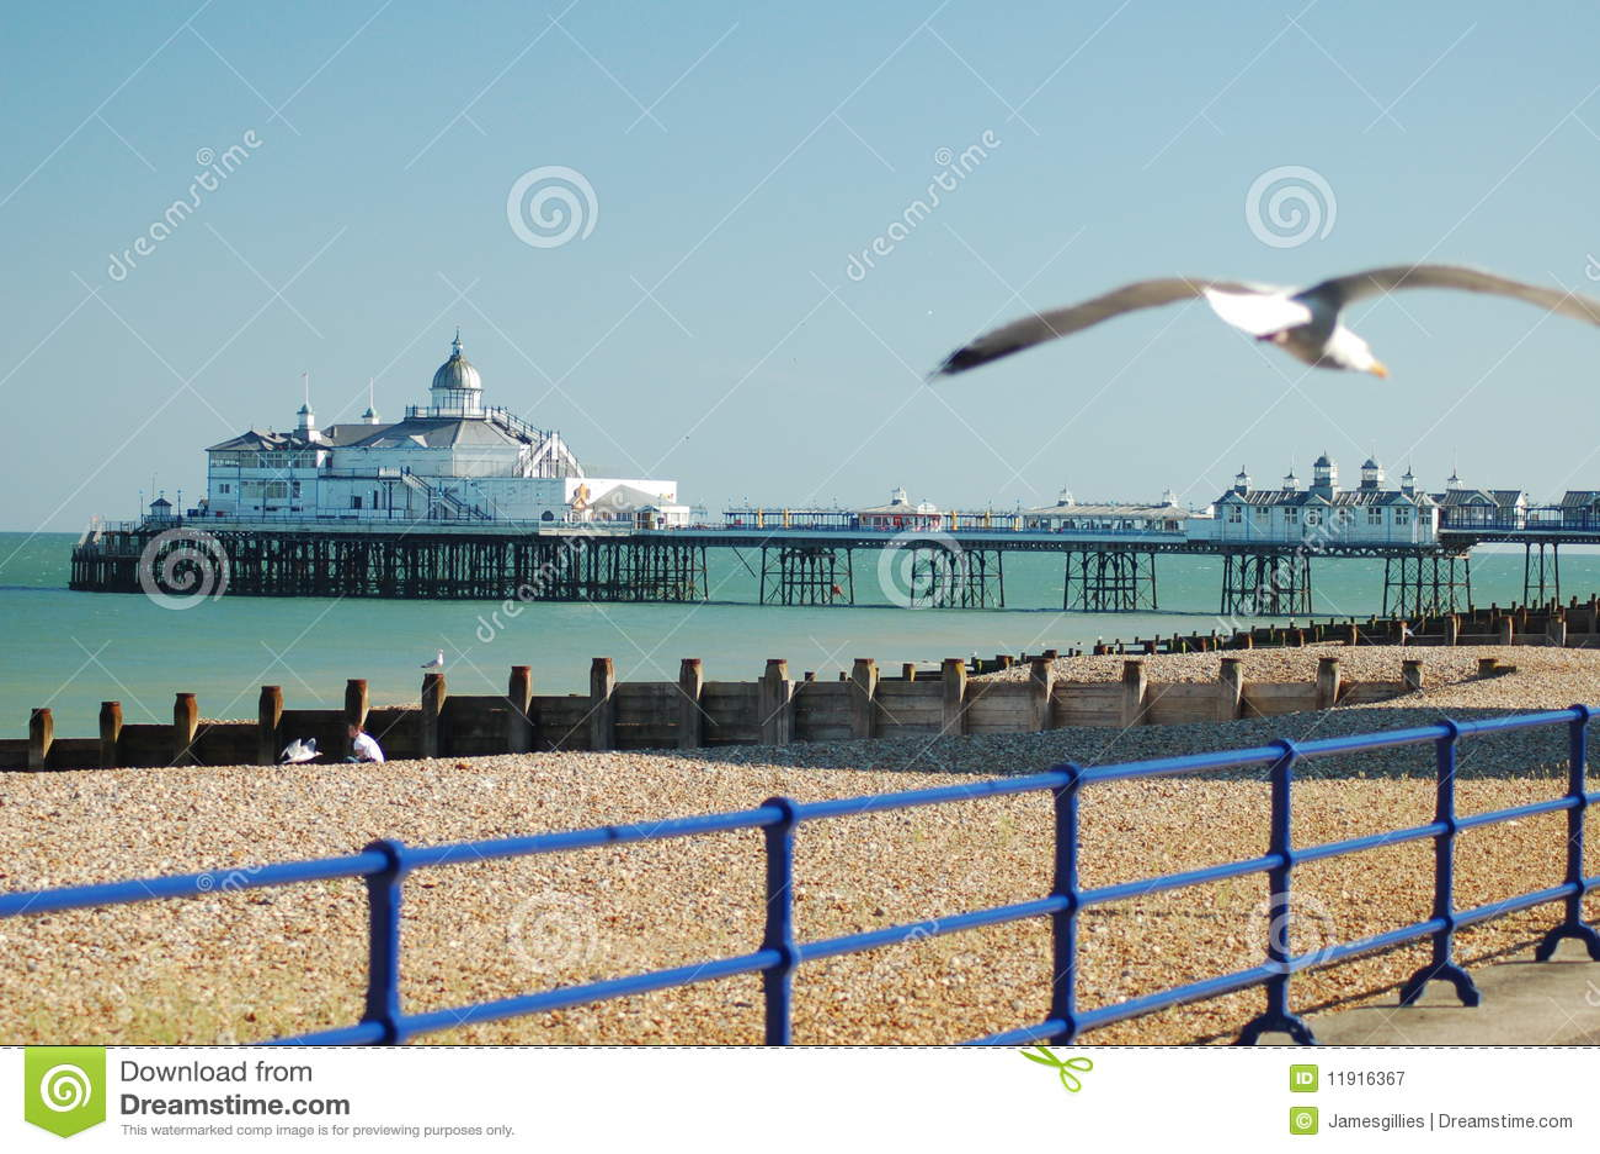 Bournemouth Pier- England